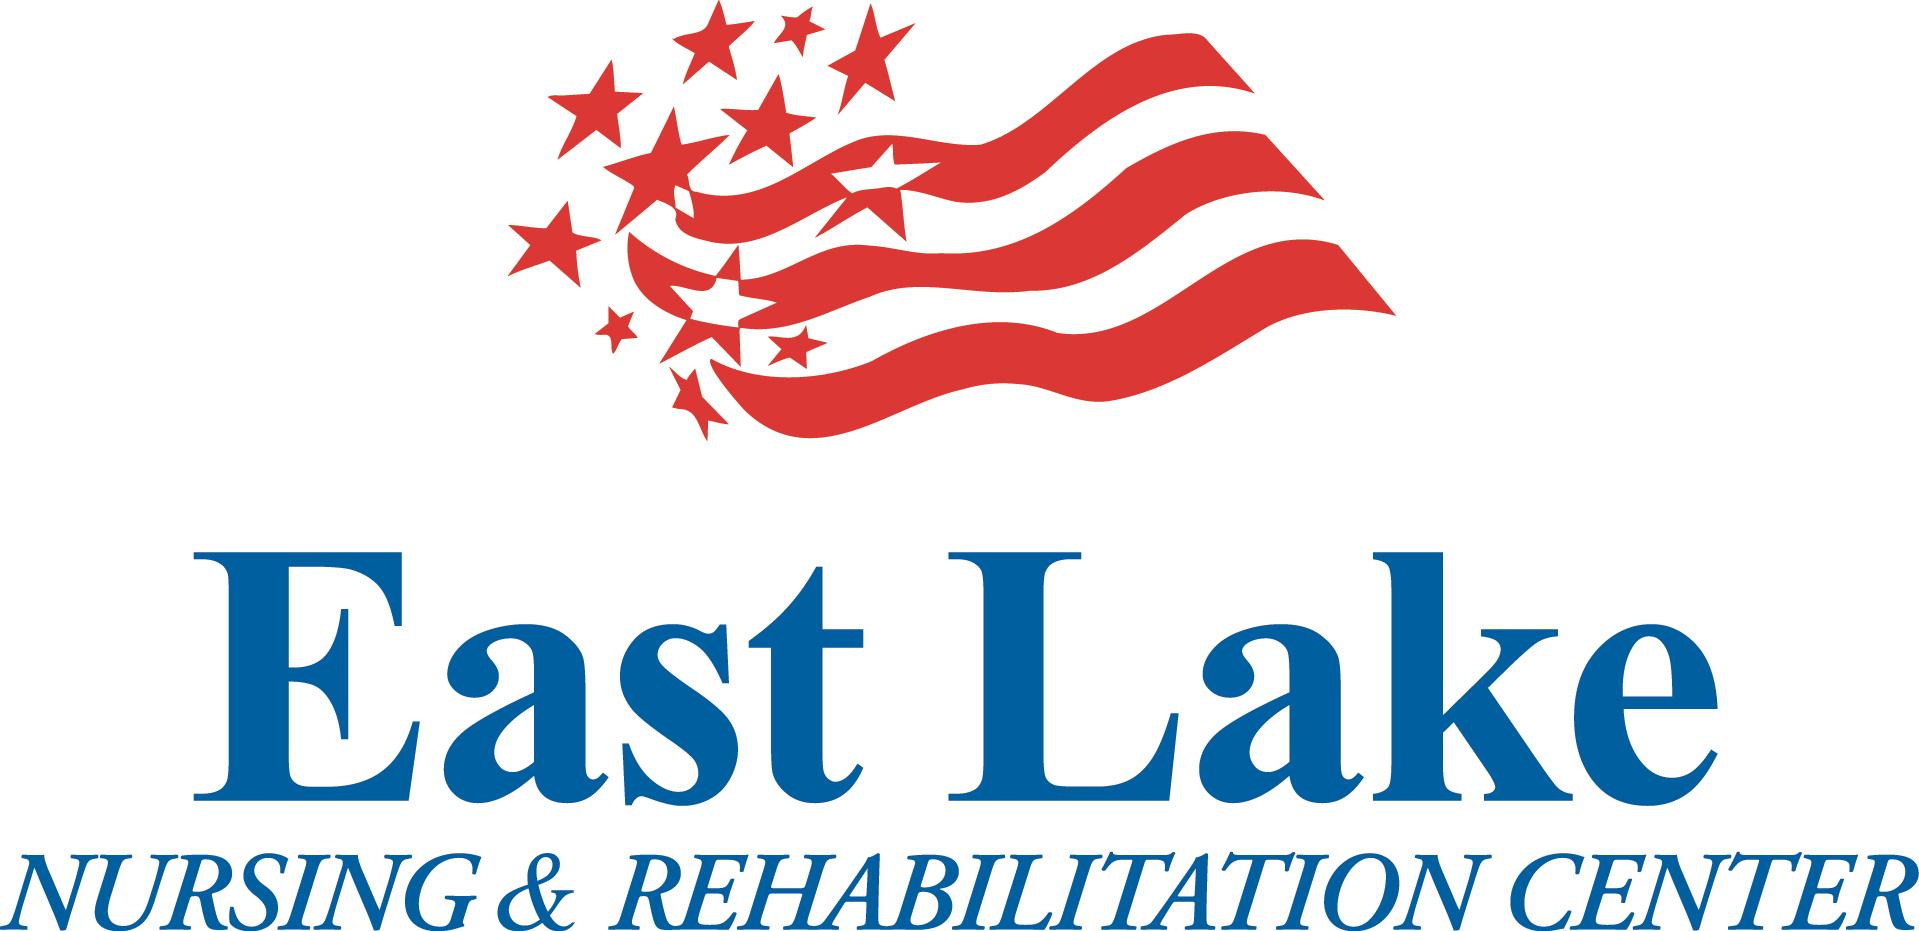 East Lake Nursing and Rehabilitation Center image 8